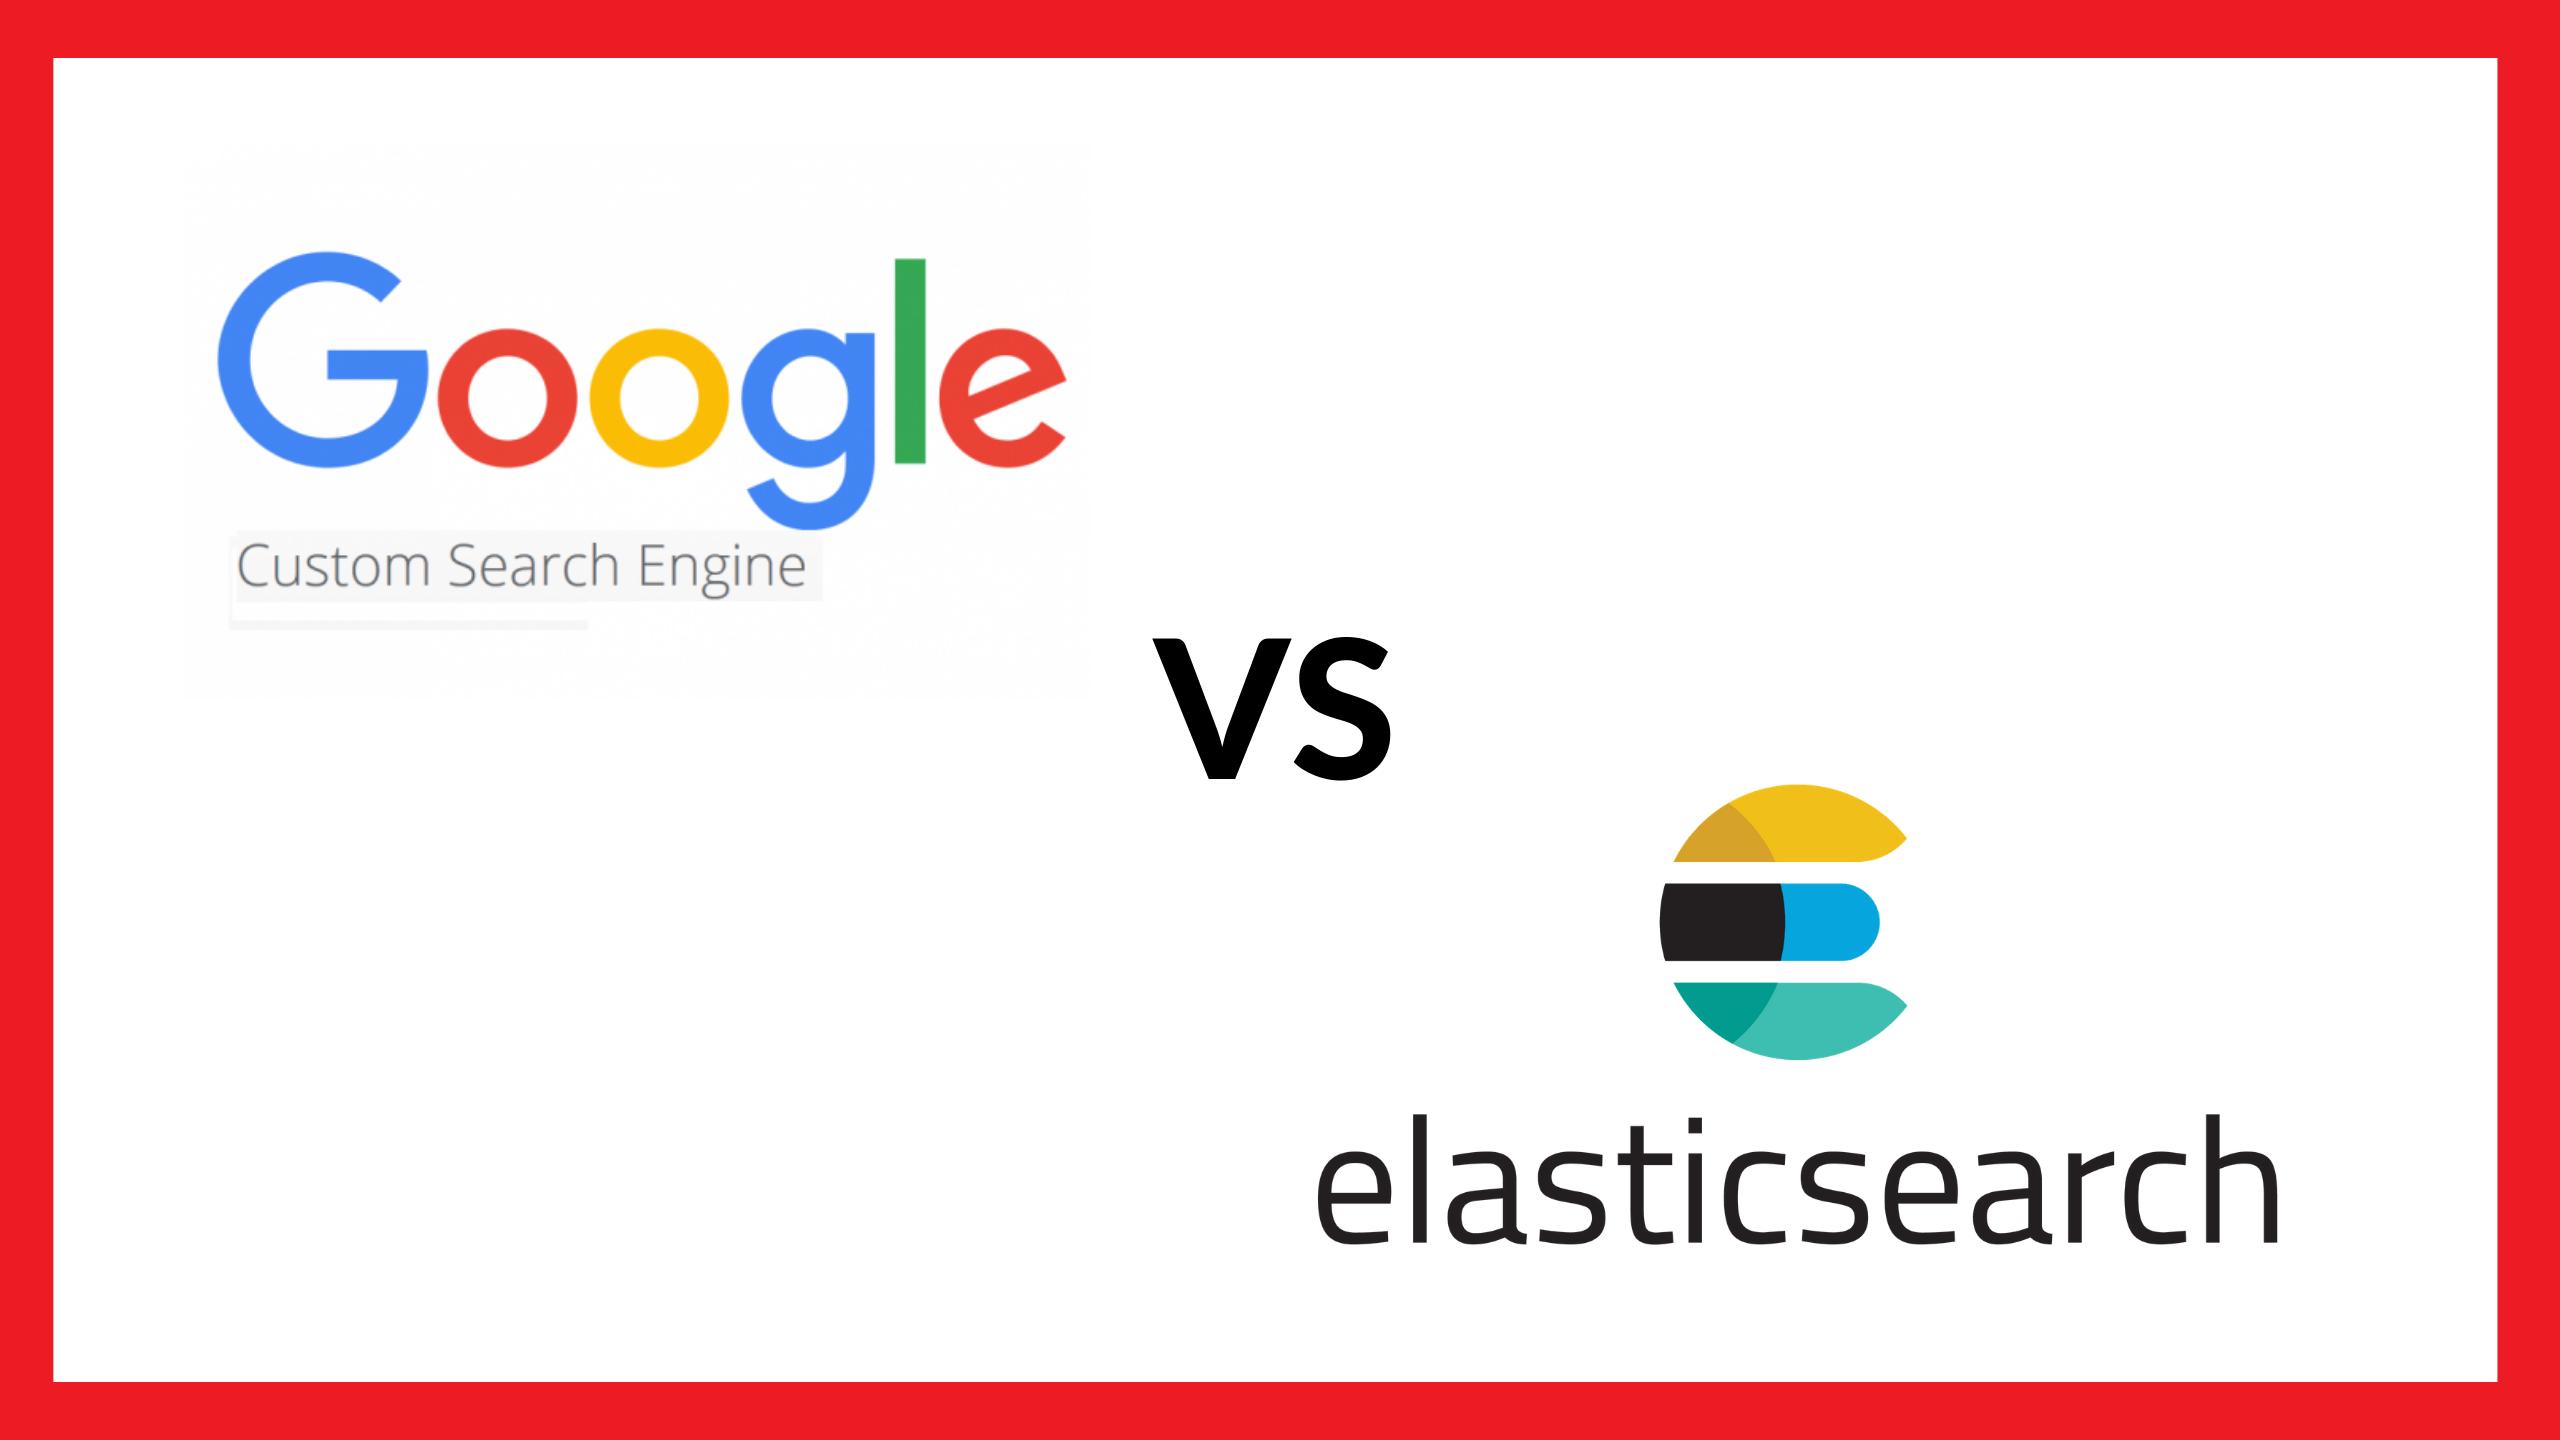 Google Site Search vs Elasticsearch